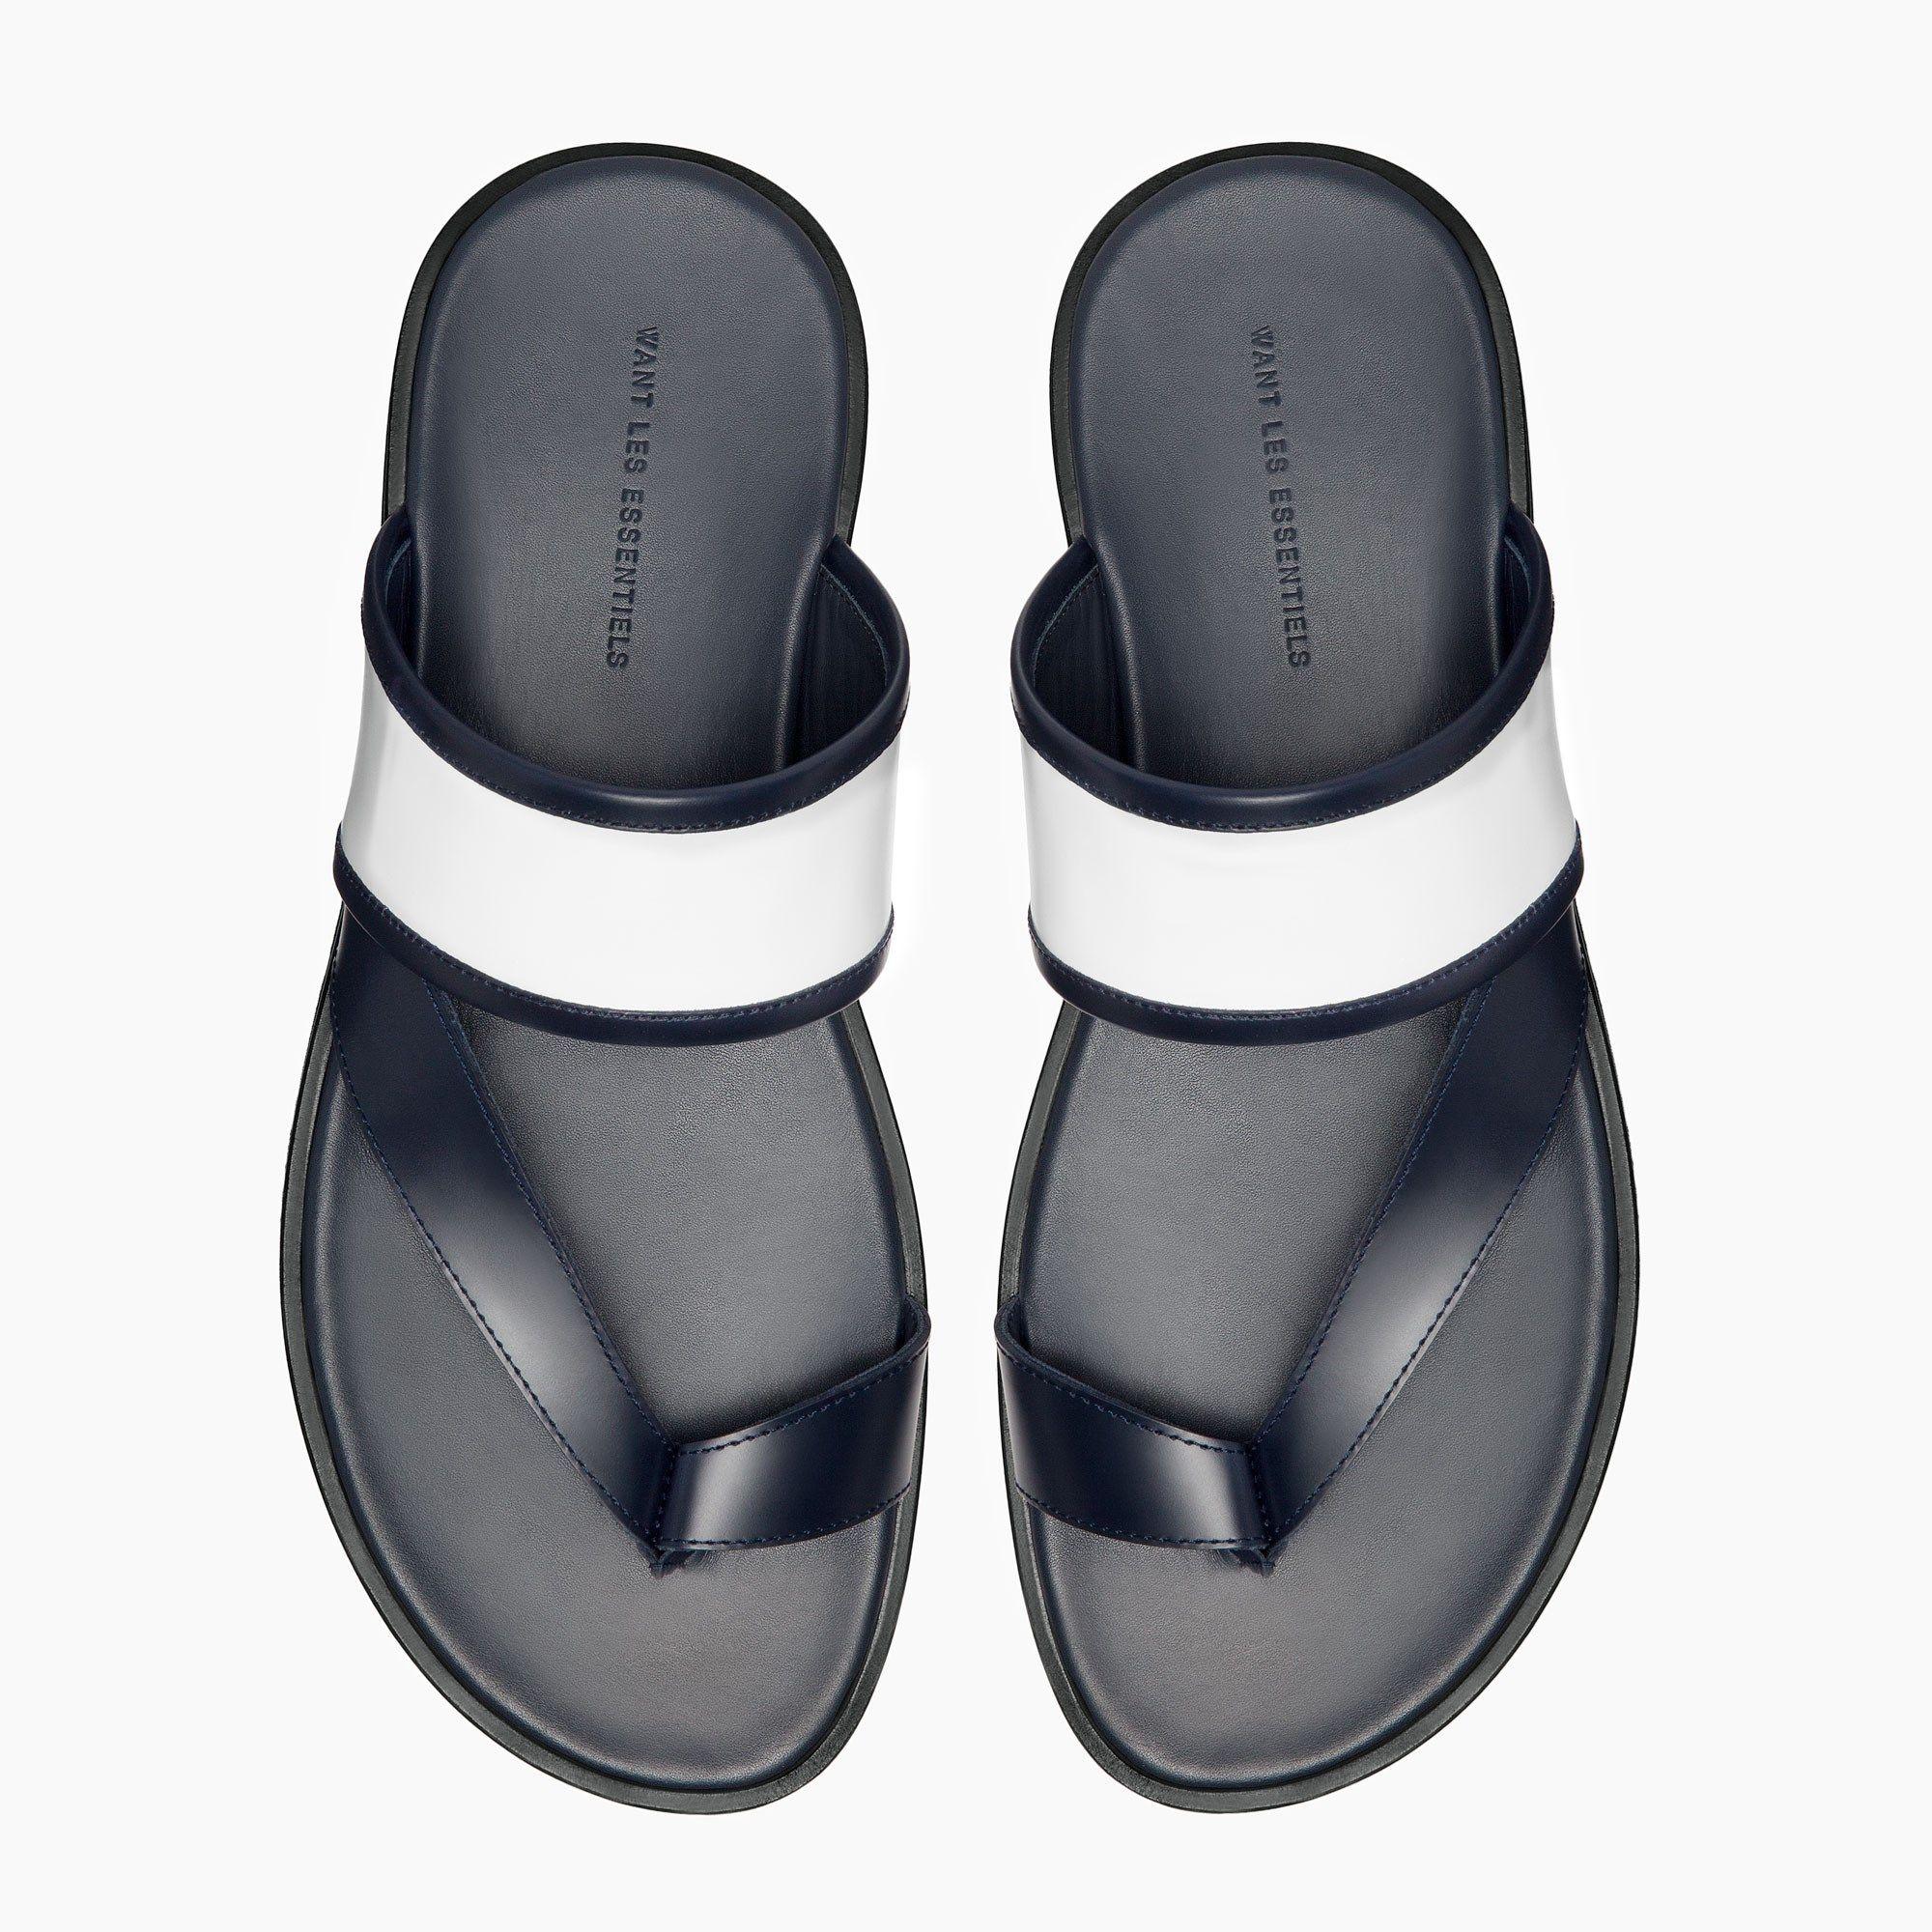 Mateos Leather Strap Sandals Leather Shoes Men Strap Sandals